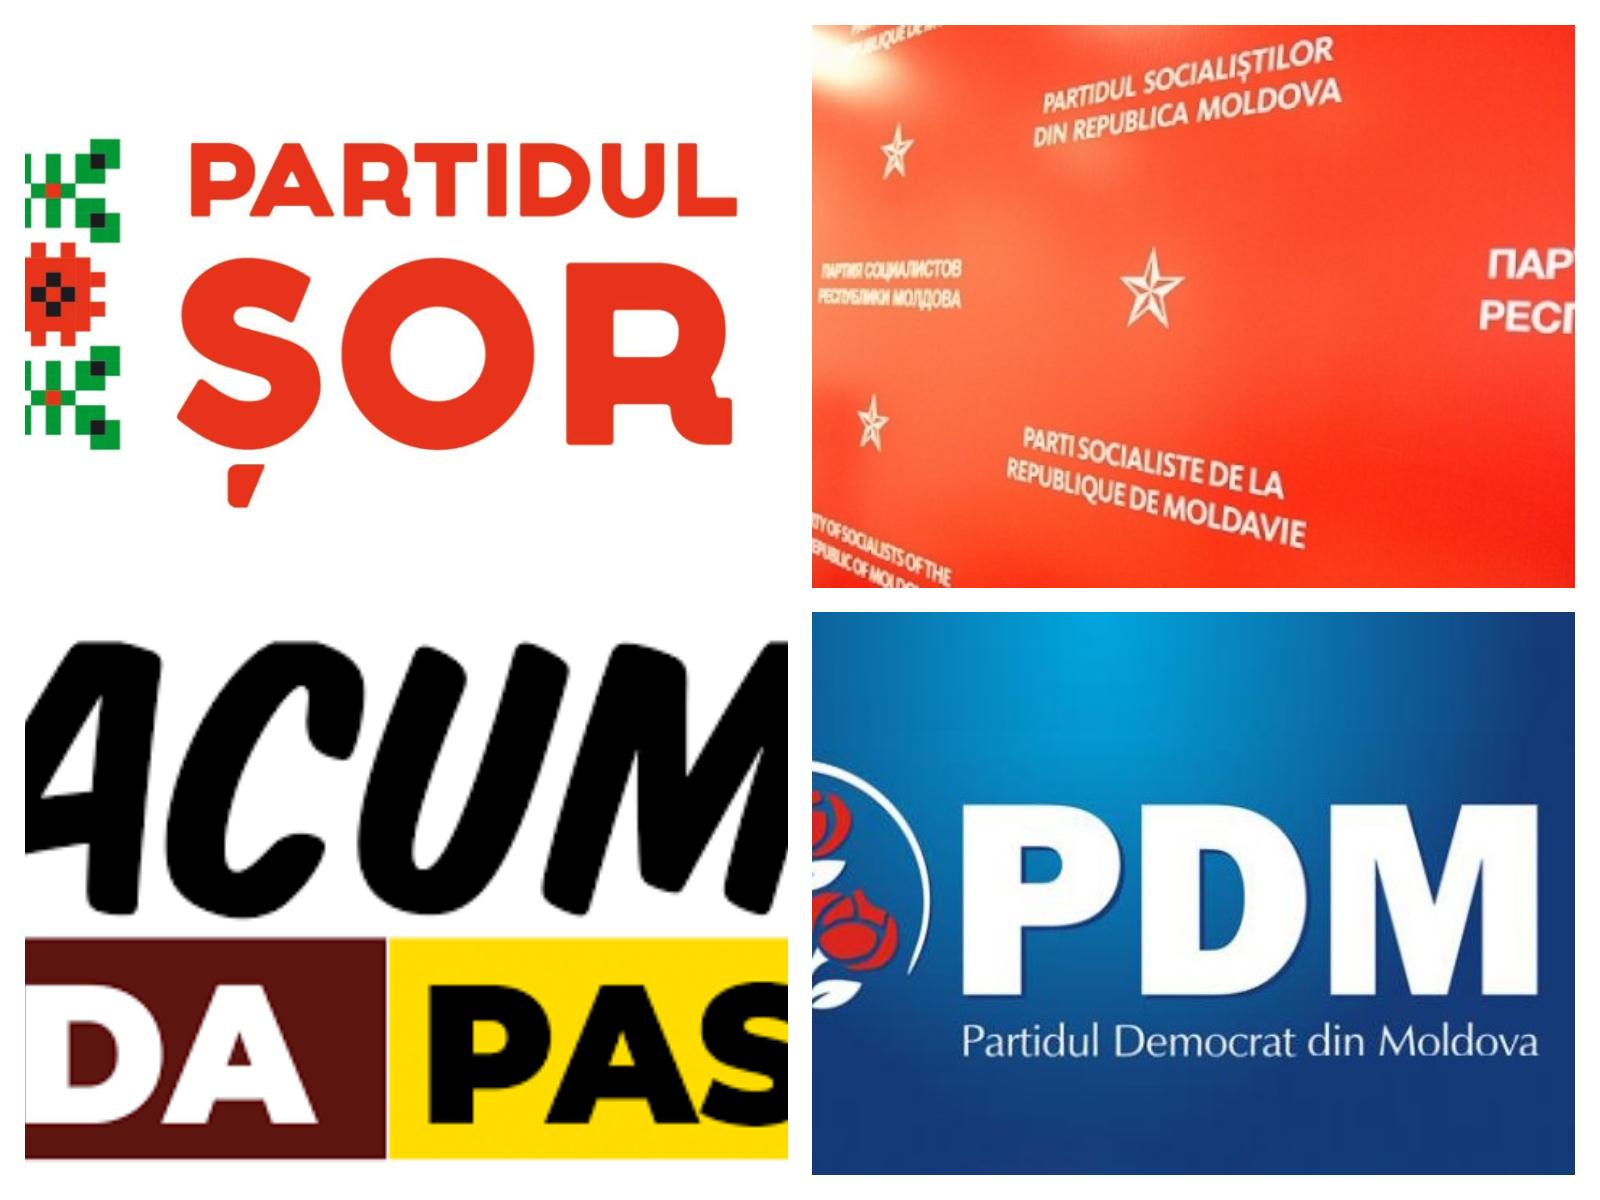 Topul formațiunilor politice care au cheltuit cei mai mulți bani până la începerea campaniei electorale